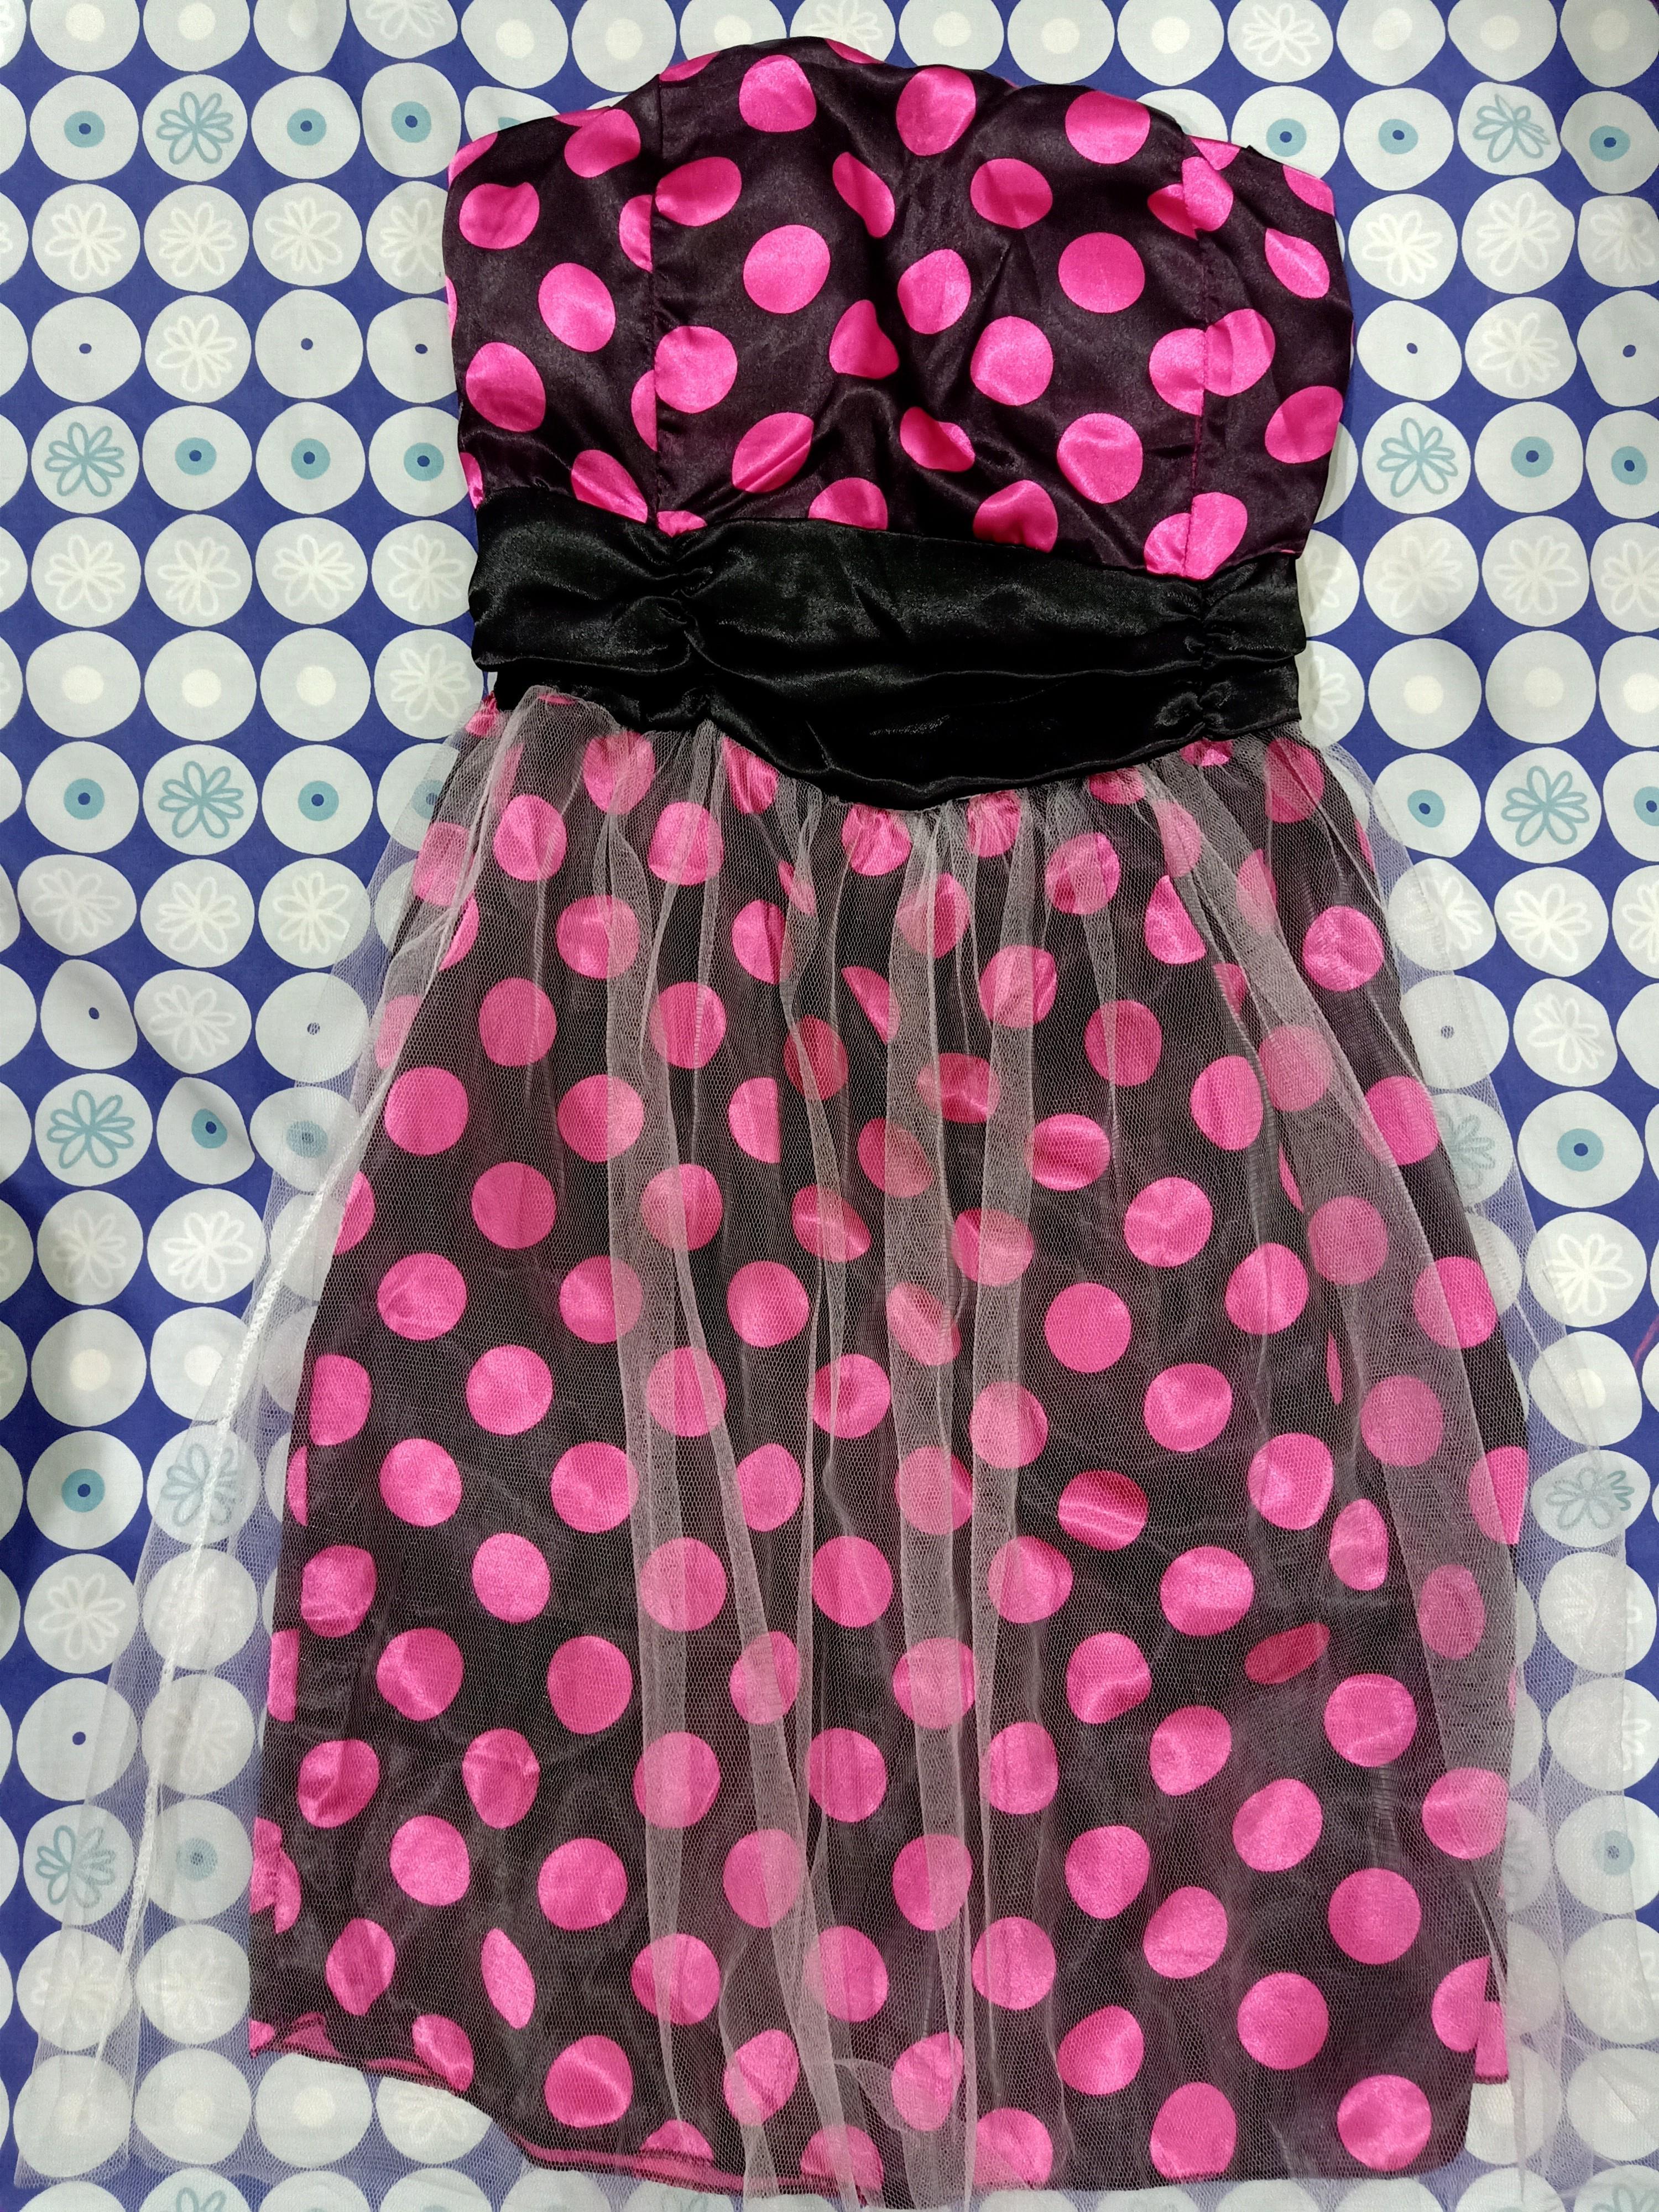 ⭐Polka Hot Pink Party Dress